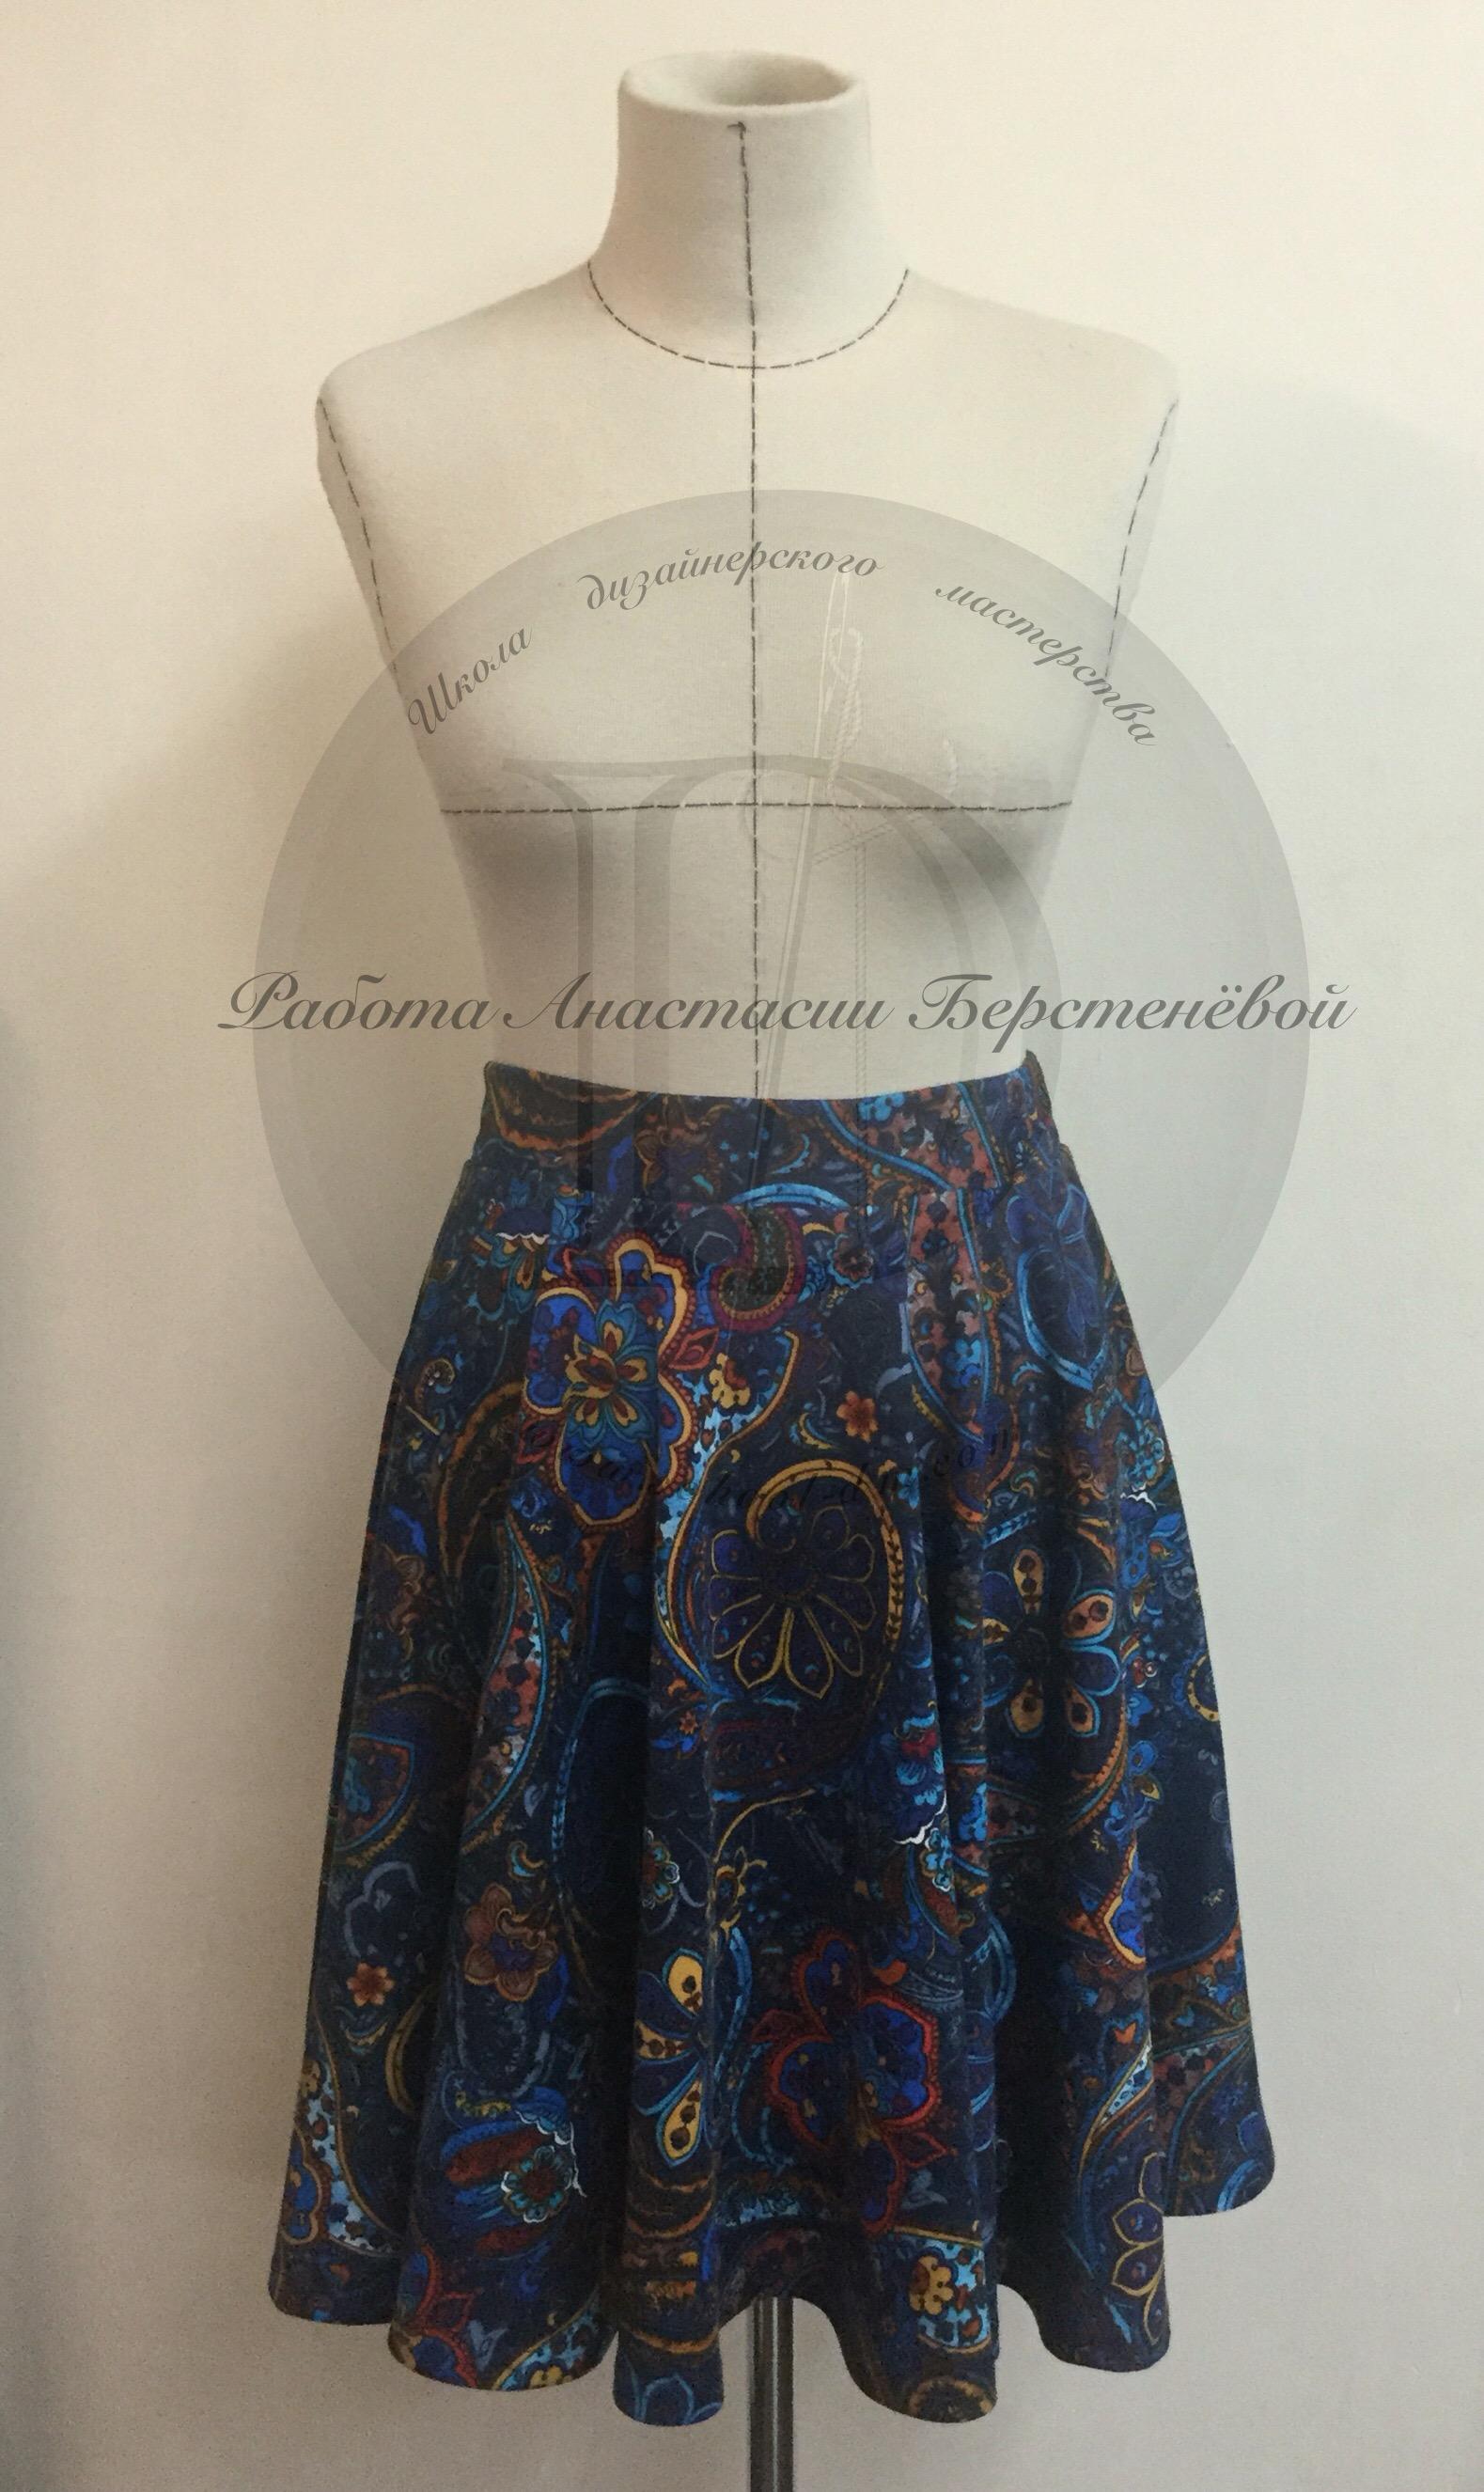 Школа дизайнерского мастерства, курсы кройки и шитья, юбка солнце, полусолнце, трикотажная юбка